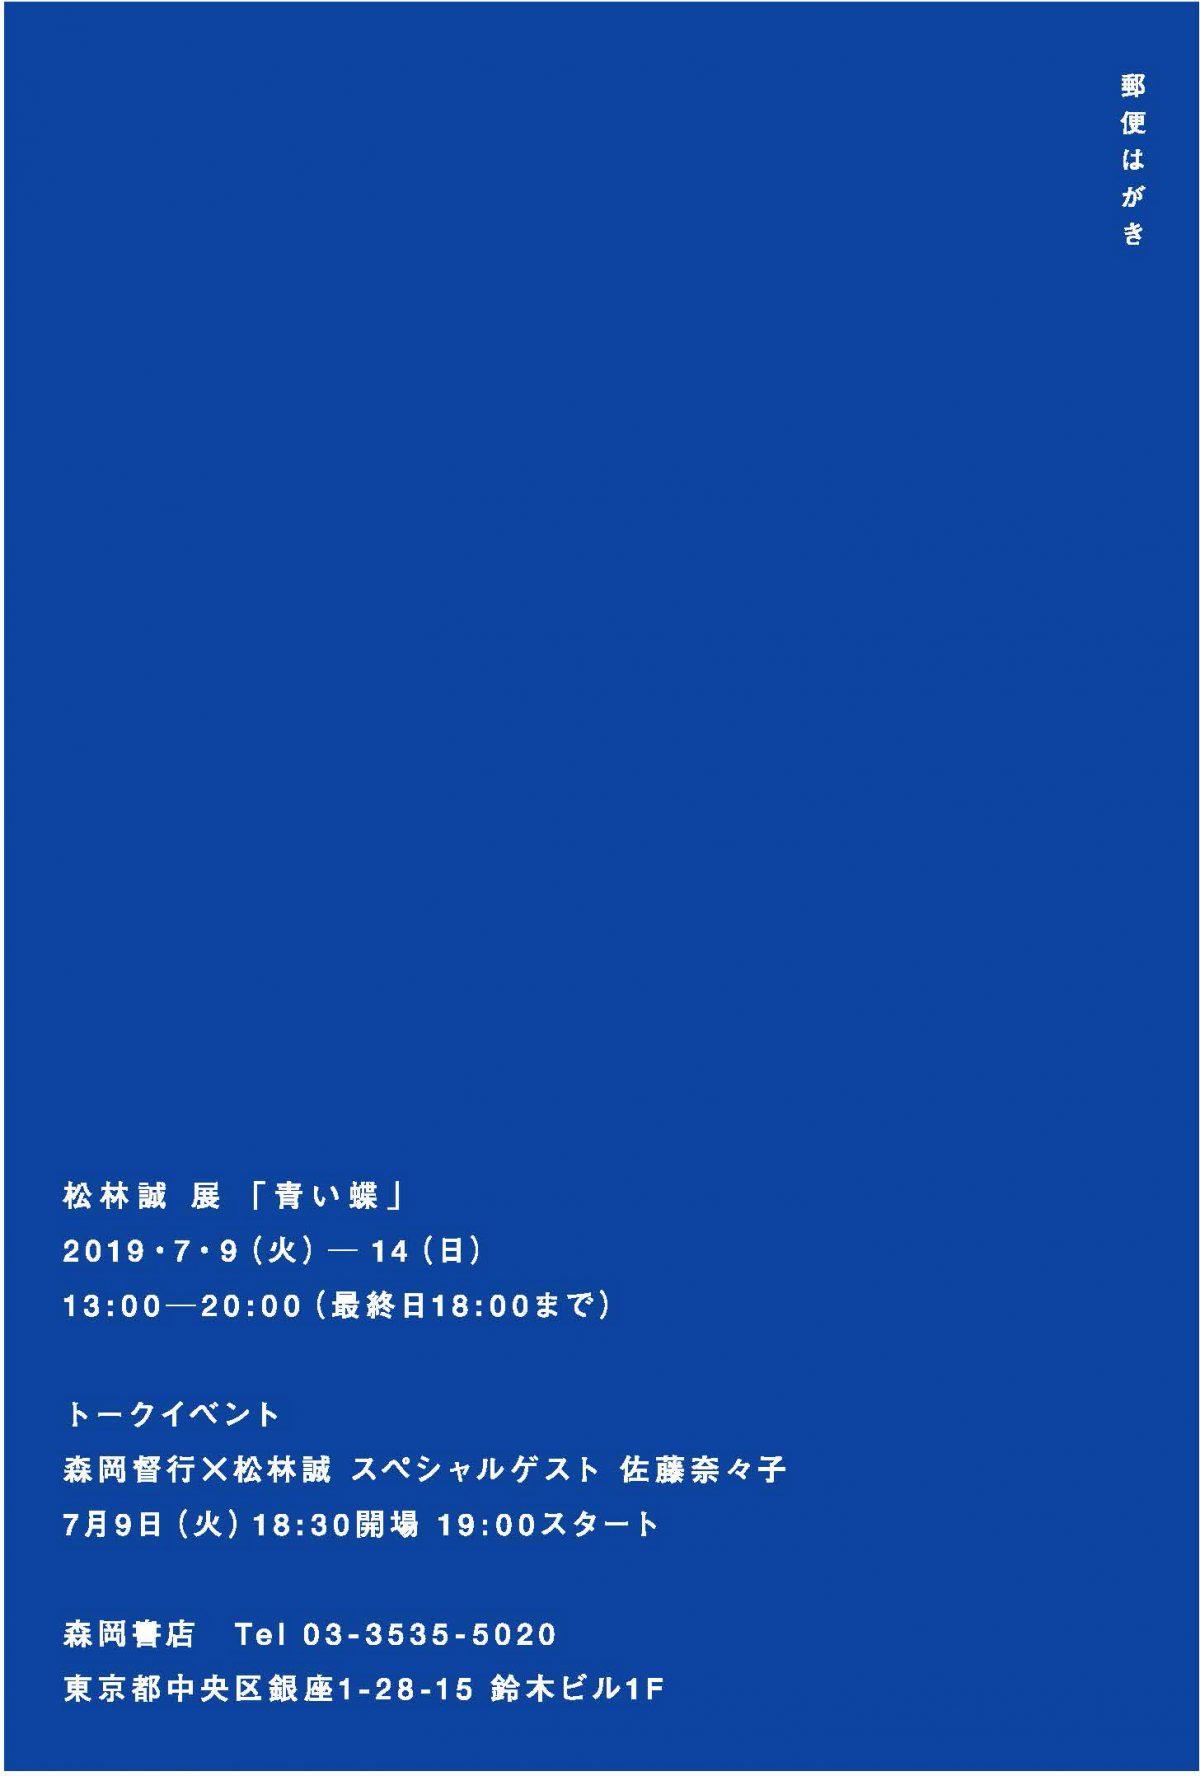 「青い蝶」の展覧会